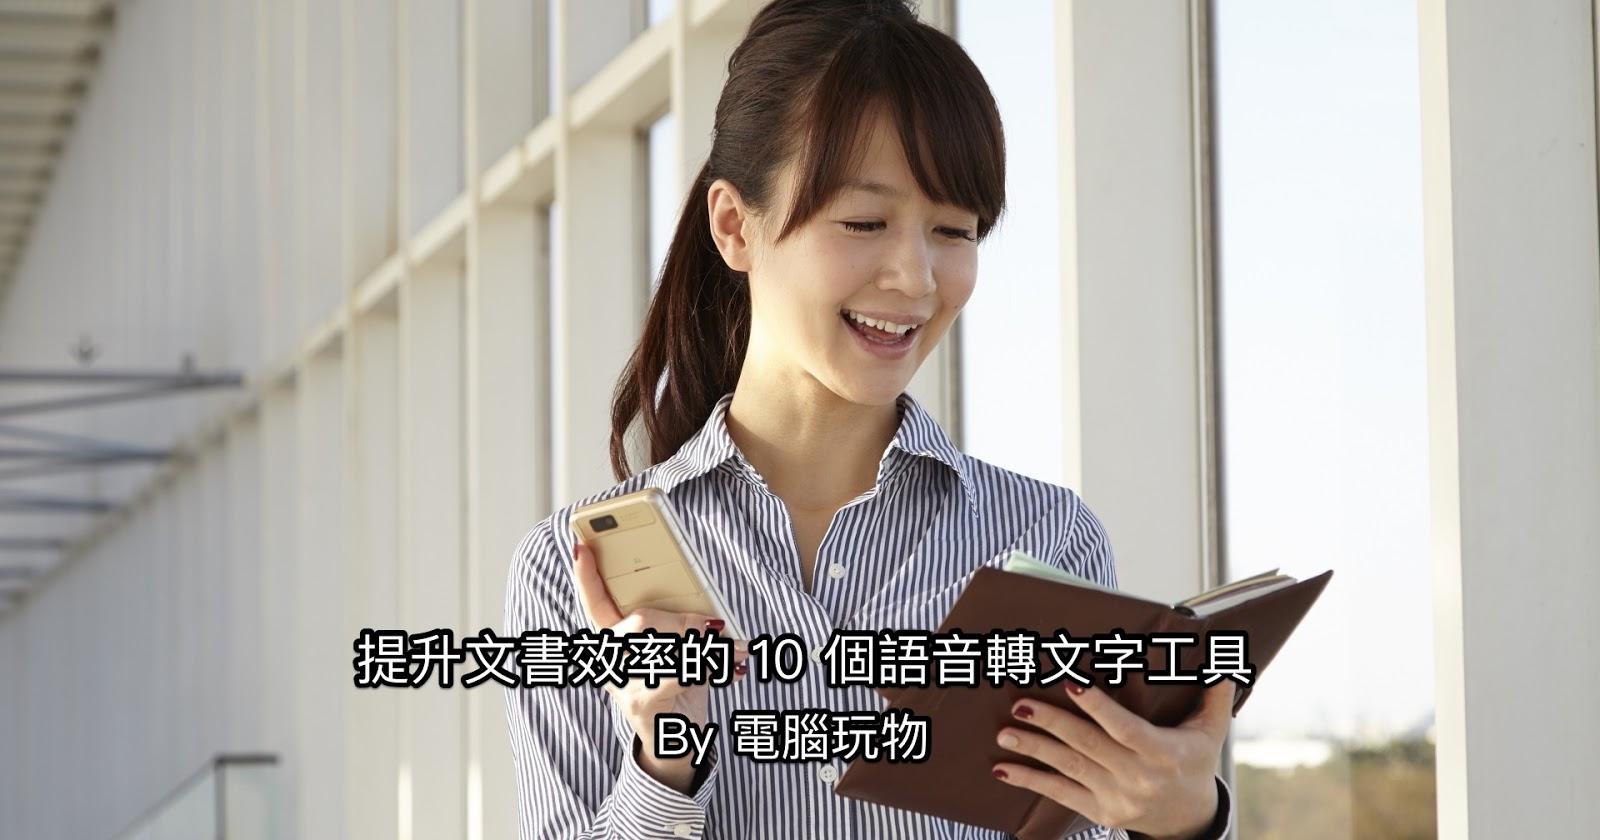 10 個免費語音轉文字工具,支援中文提升多種文書工作效率